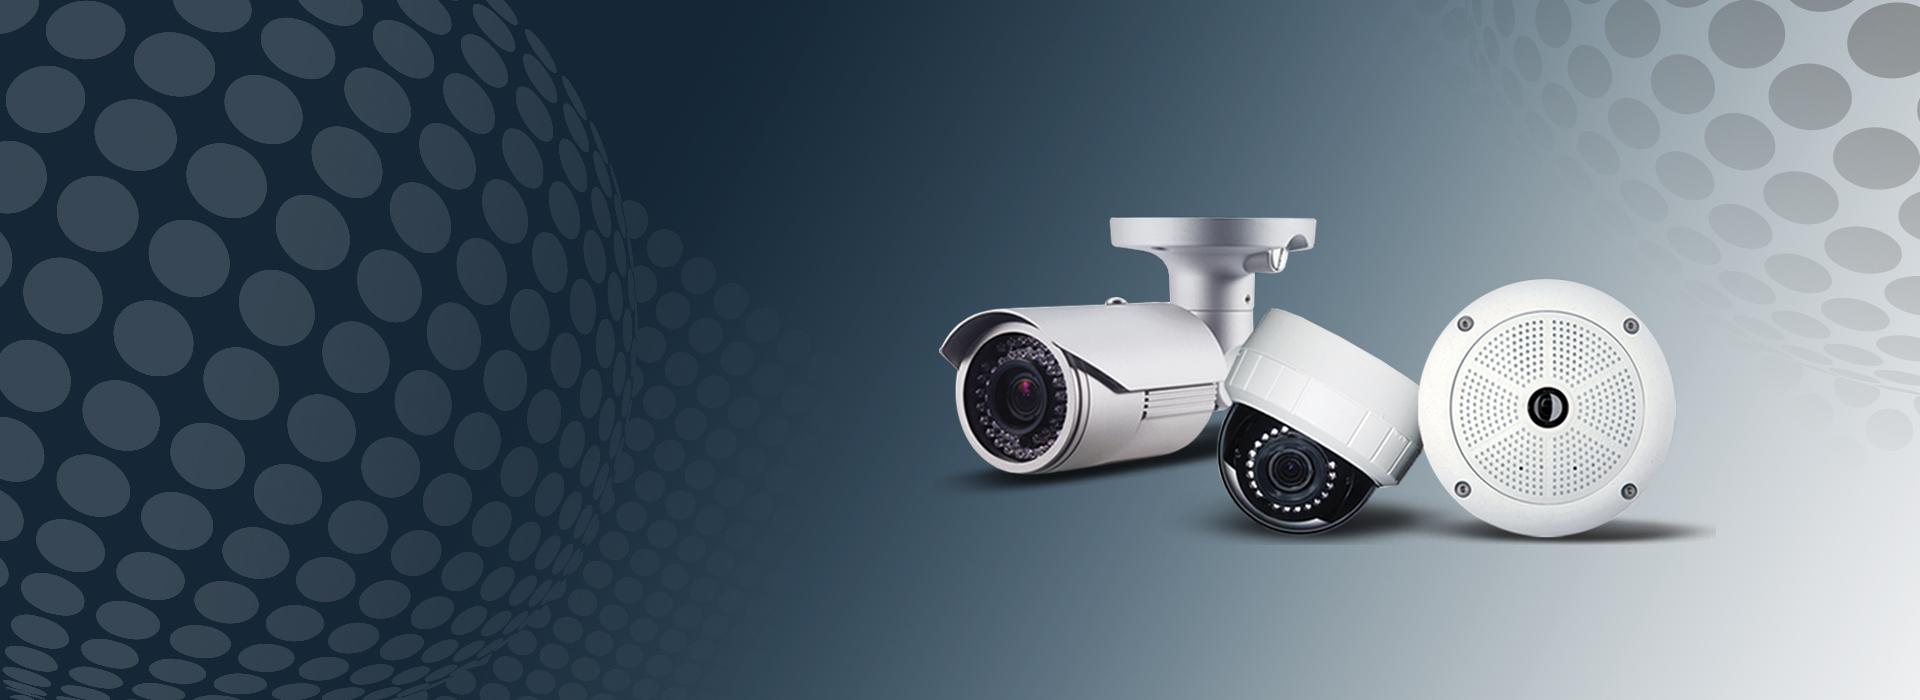 CCTV digitales